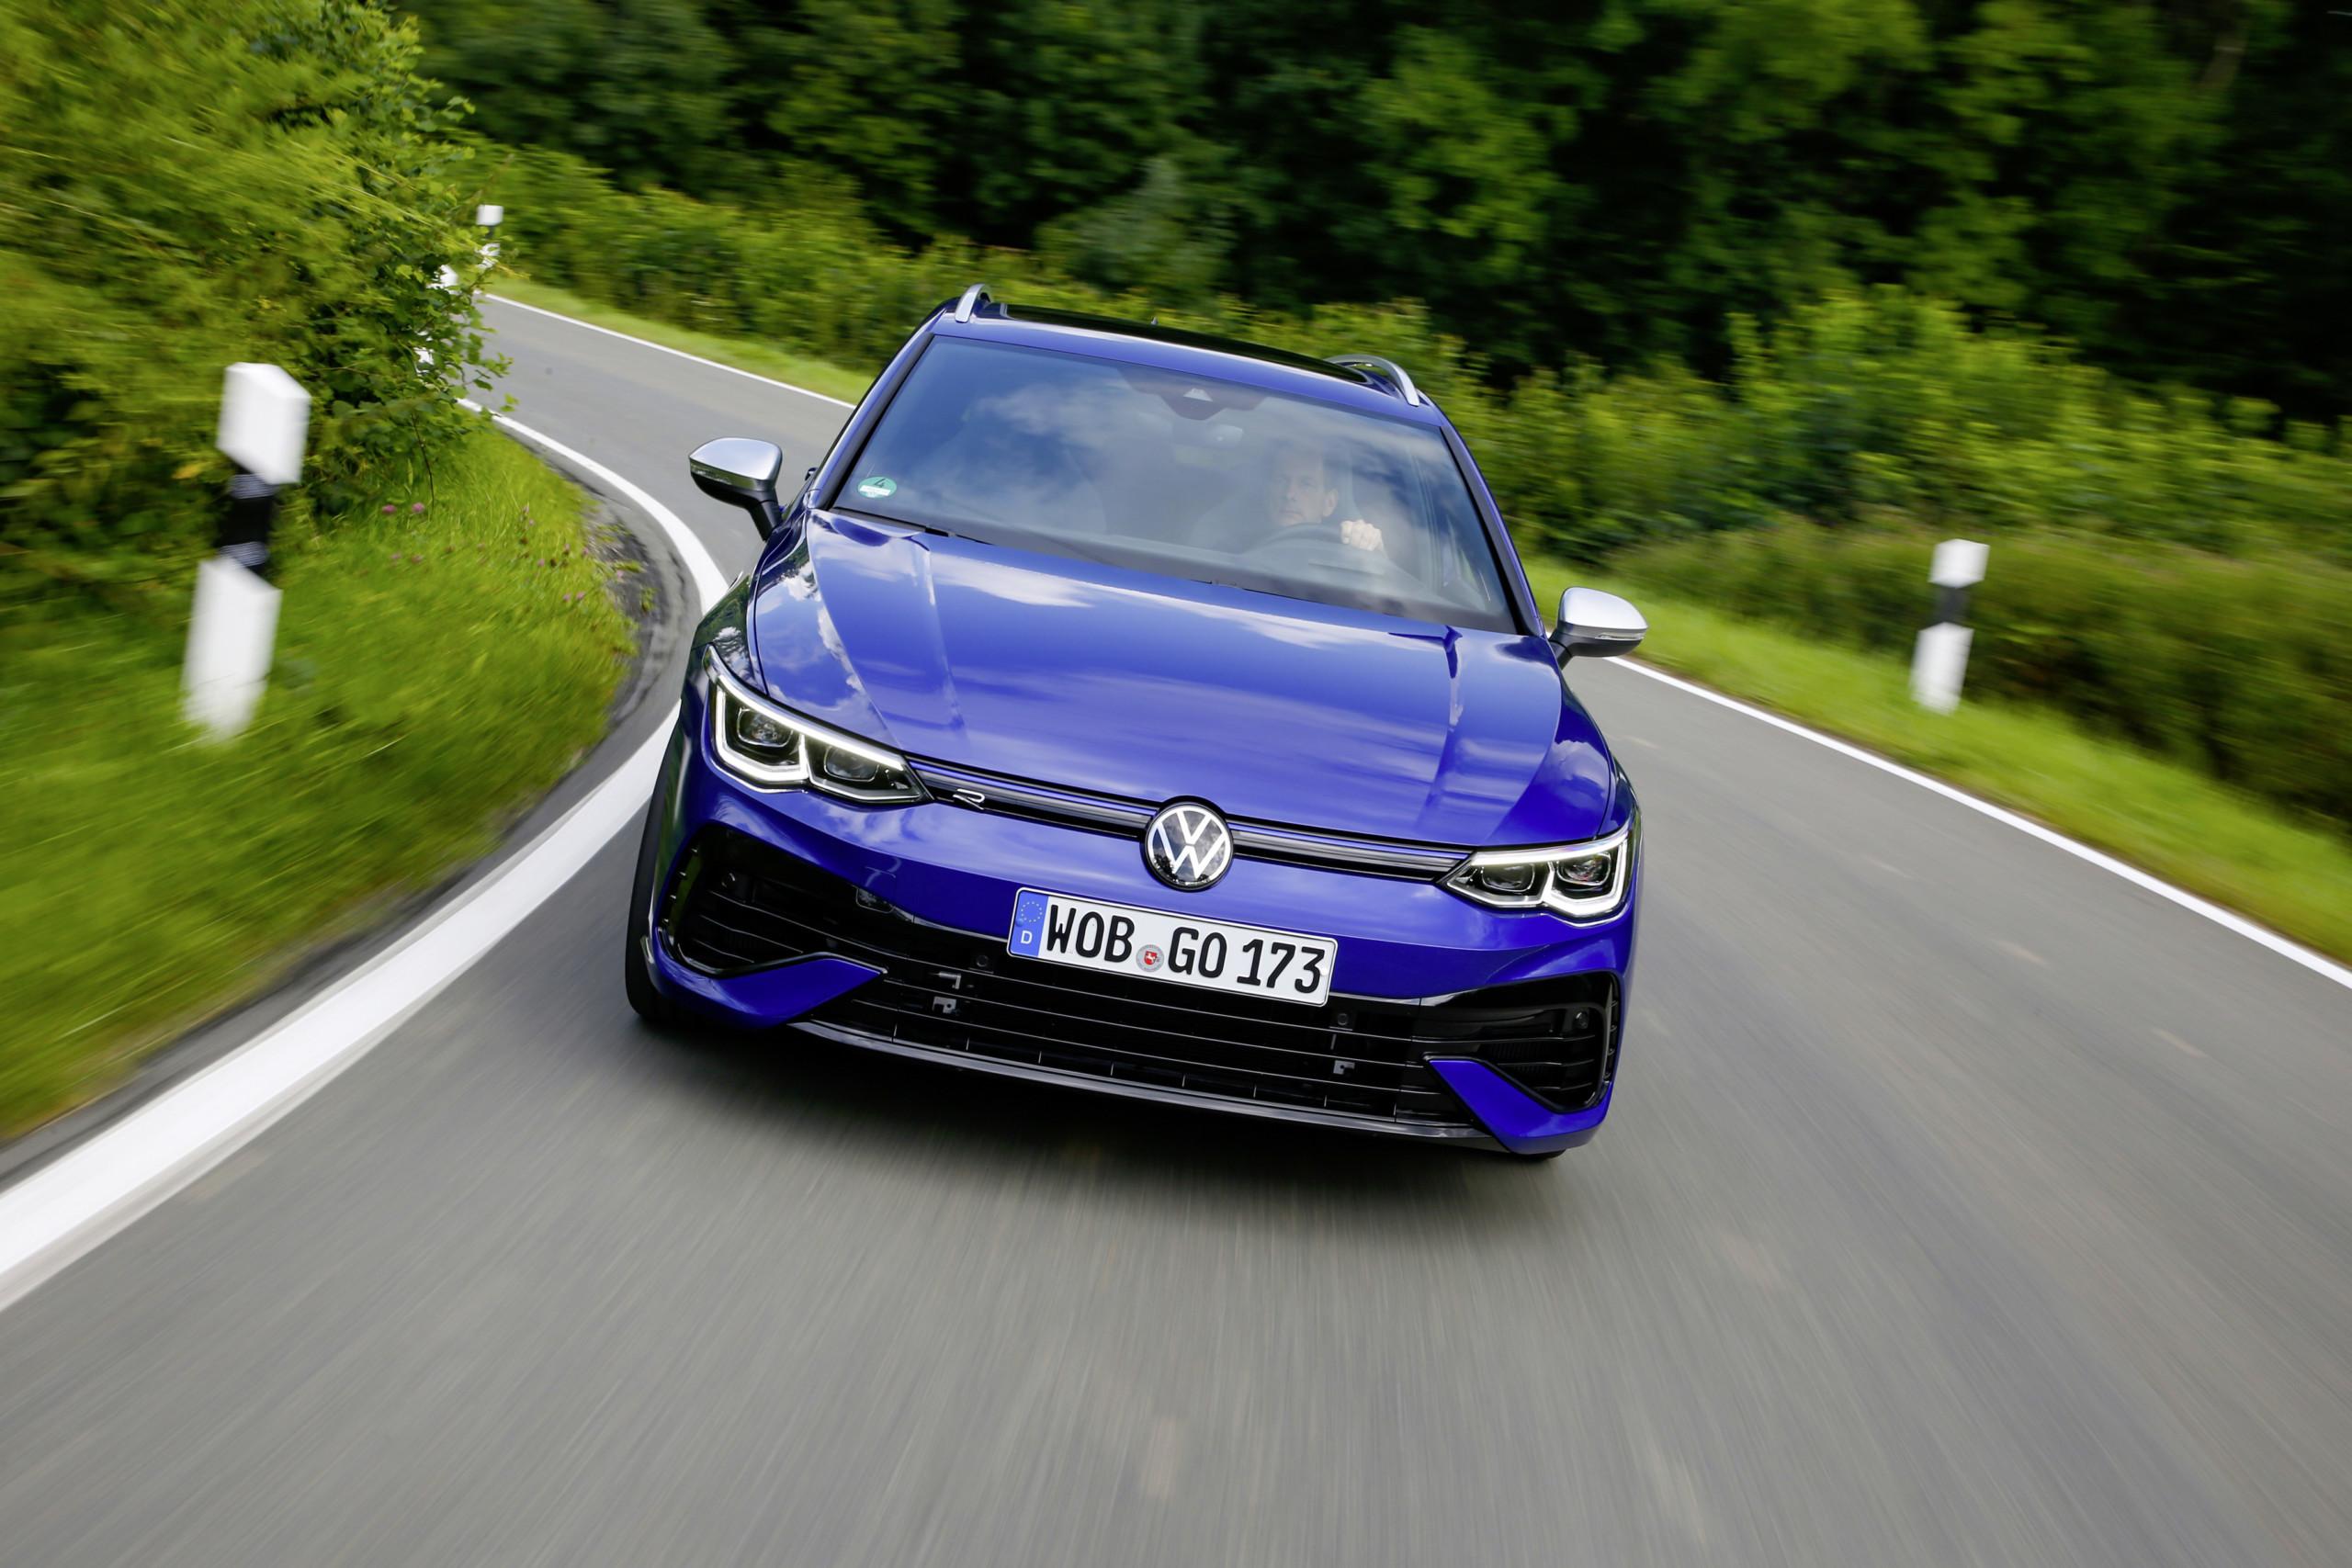 Volkswagen – deutscher Autohersteller könne nach dem Ende der Lieferengpässe im Jahr 2020 laut Analysten durchstarten und sei aktuell deutlich zu niedrig bewertet mit einem 6er-KGV. Analysten sehen bis zu 60 % Kurspotenzial.